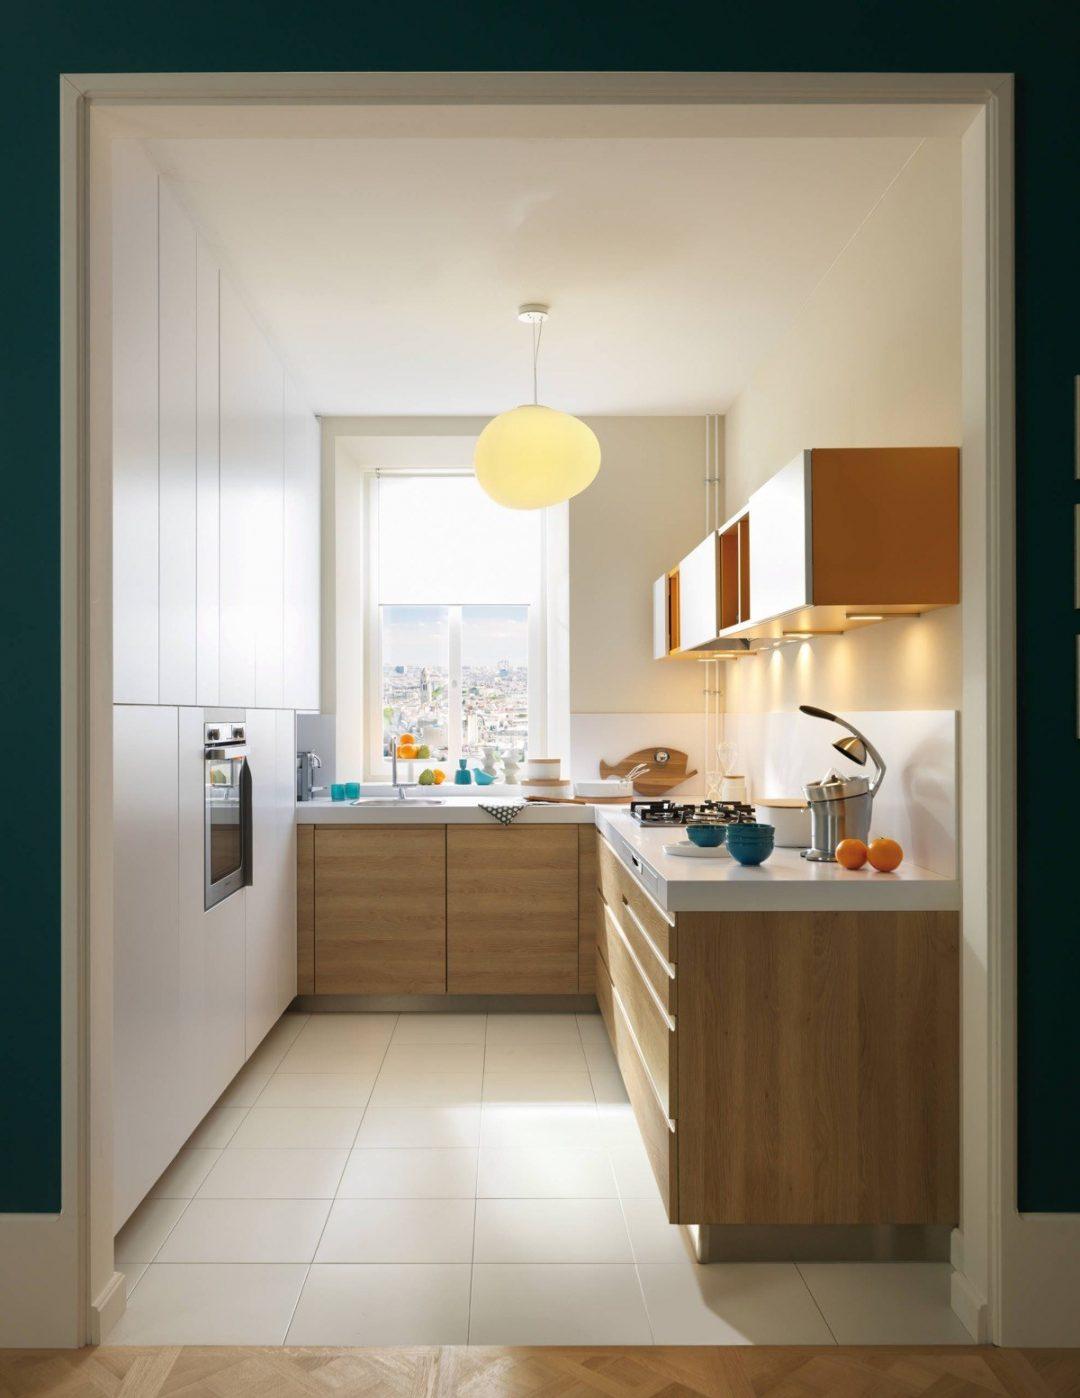 Phòng bếp nhỏ, đẹp, tiện nghi với thiết kế tủ bếp đụng trần tối ưu diện tích